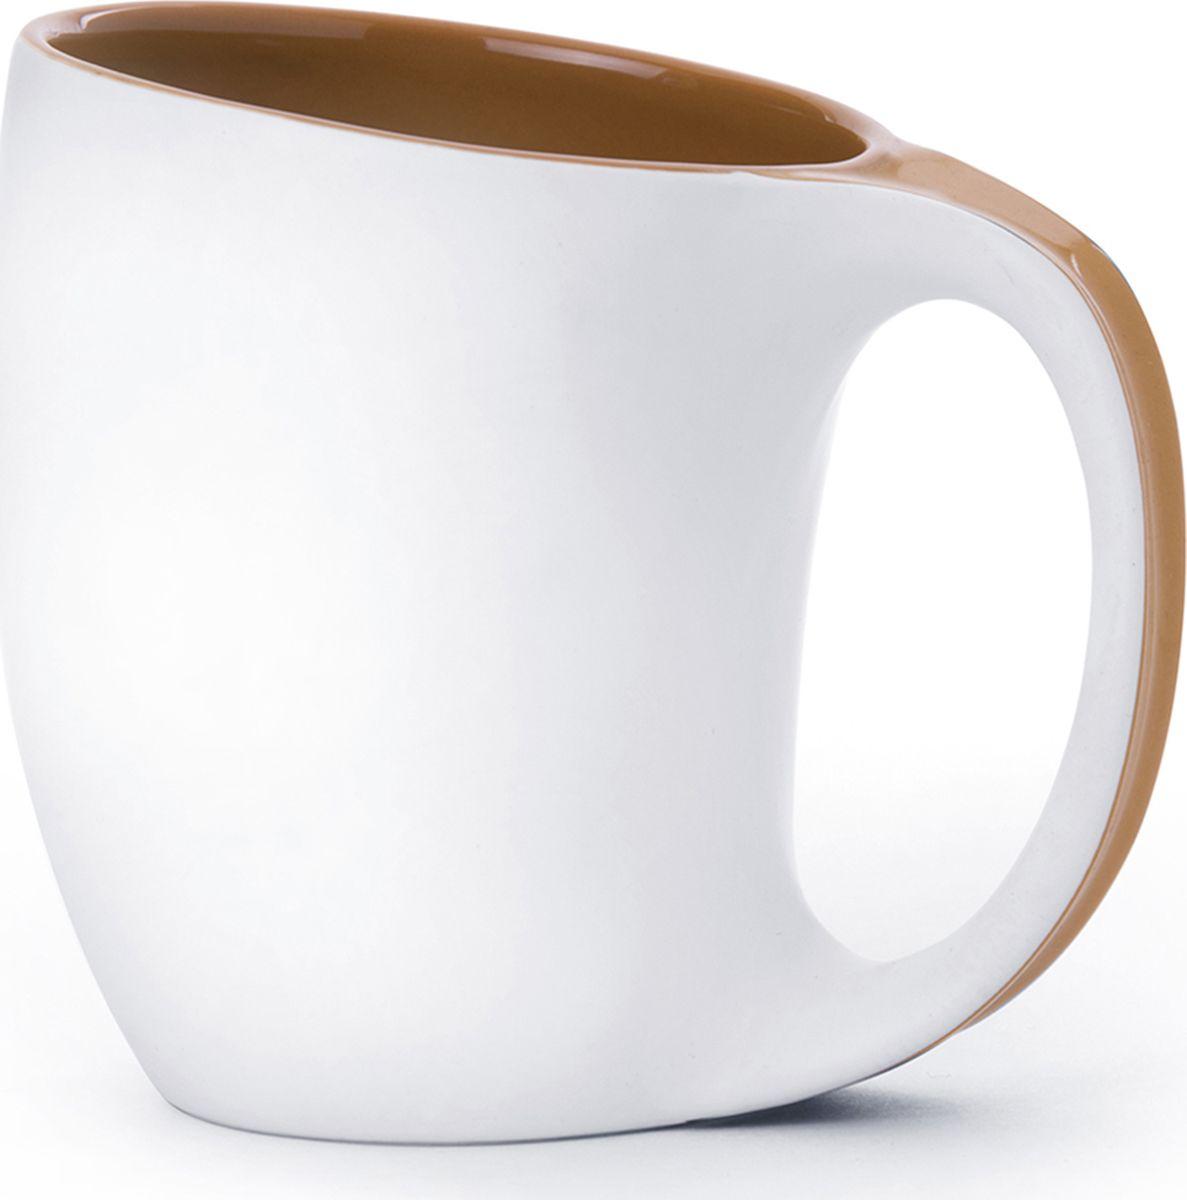 Кружка Asobu The porcelain saphire, цвет: коричневый, 400 млMUG 330 brownКружка Asobu The porcelain saphire – это настоящее произведение искусства! Ведь Asobu не делает скучных и бесполезных вещей! Представляем Вашему вниманию пять эстетически совершенных кружек. Шелковистая белая матовая поверхность и пять вариантов ярких глянцевых цветов внутренних покрытий в сочетании с идеальной формой. Asobu The porcelaine saphire изготовлен из высококачественного фарфора. Можно мыть в посудомоечной машине.